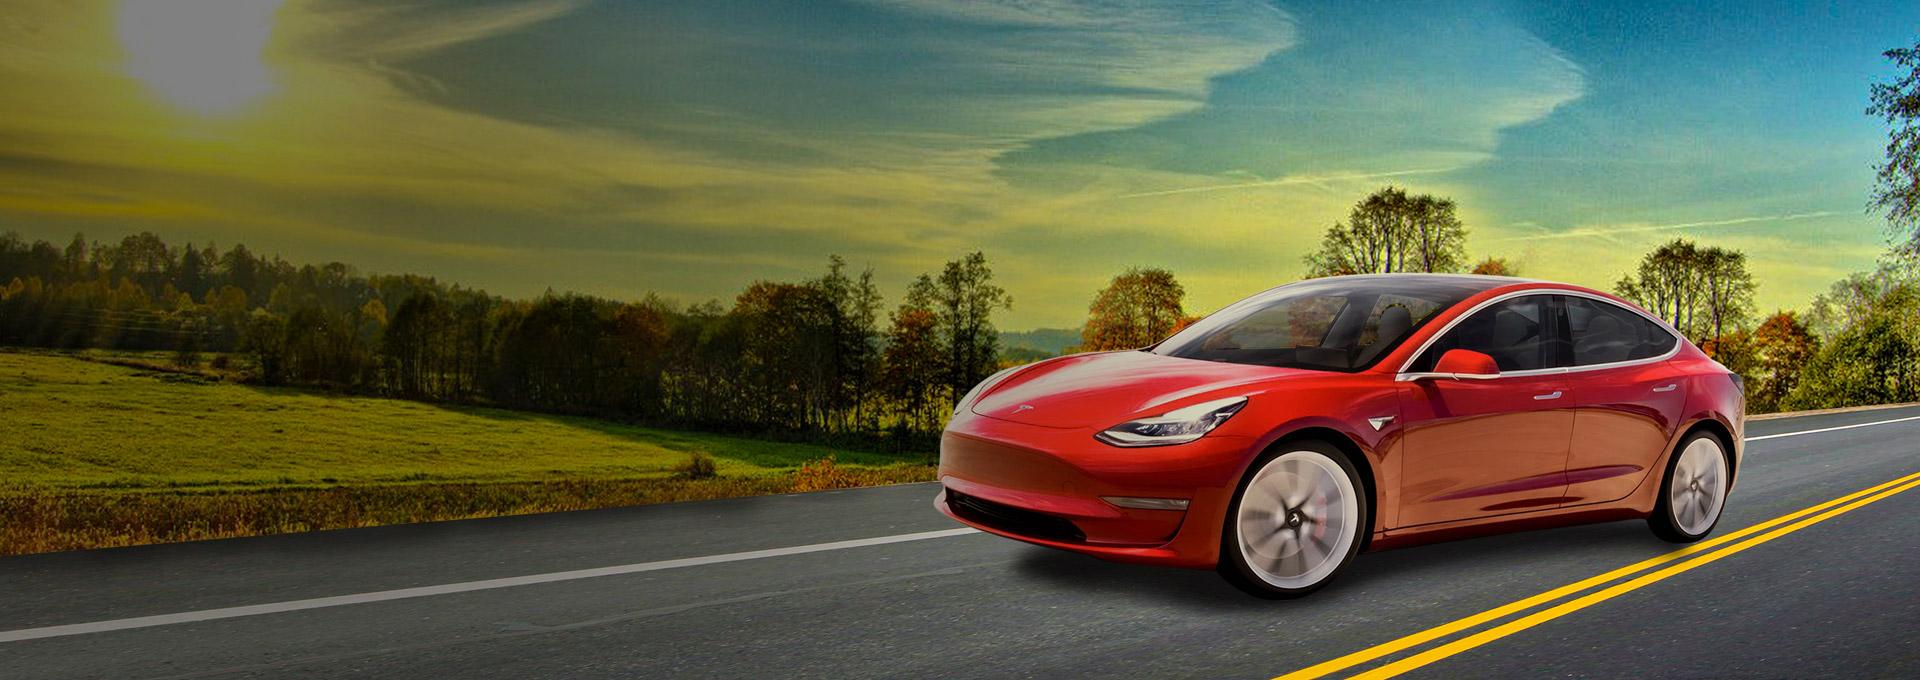 Home - EV & Hybrid